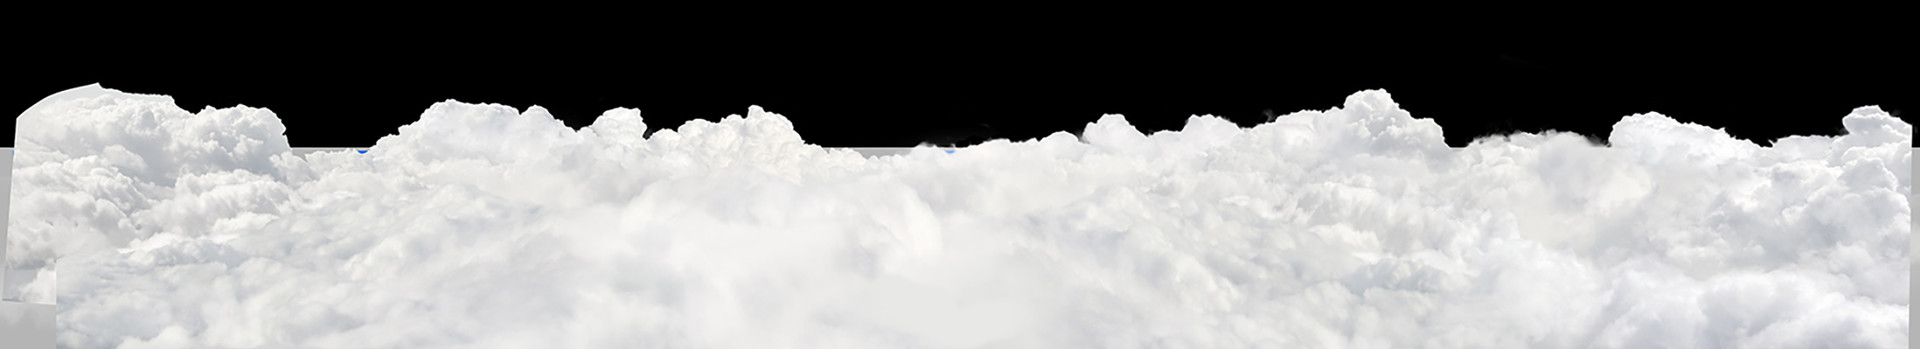 Eva kedves cloud bg 2